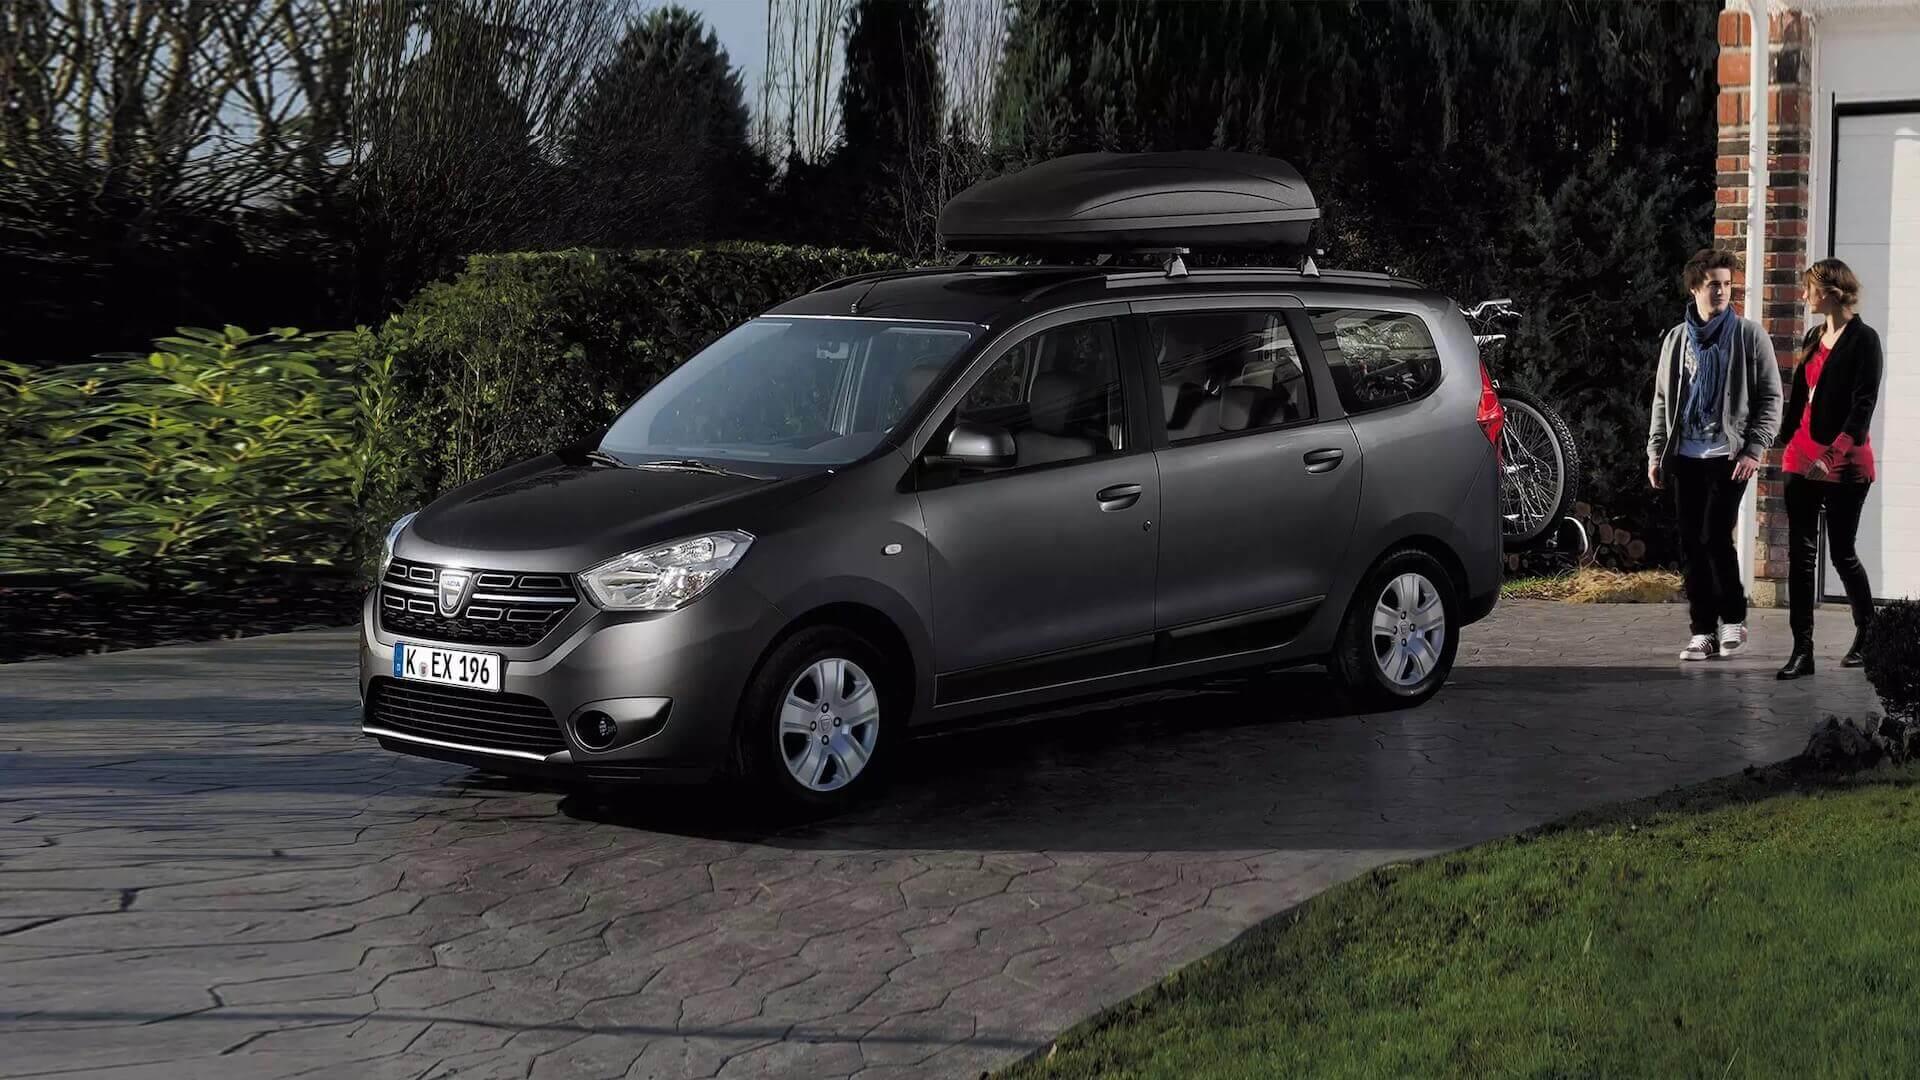 Seitenansicht vom Auto - Auto steht auf der Hausauffahrt - Dacia Lodgy - Renault Ahrens Hannover